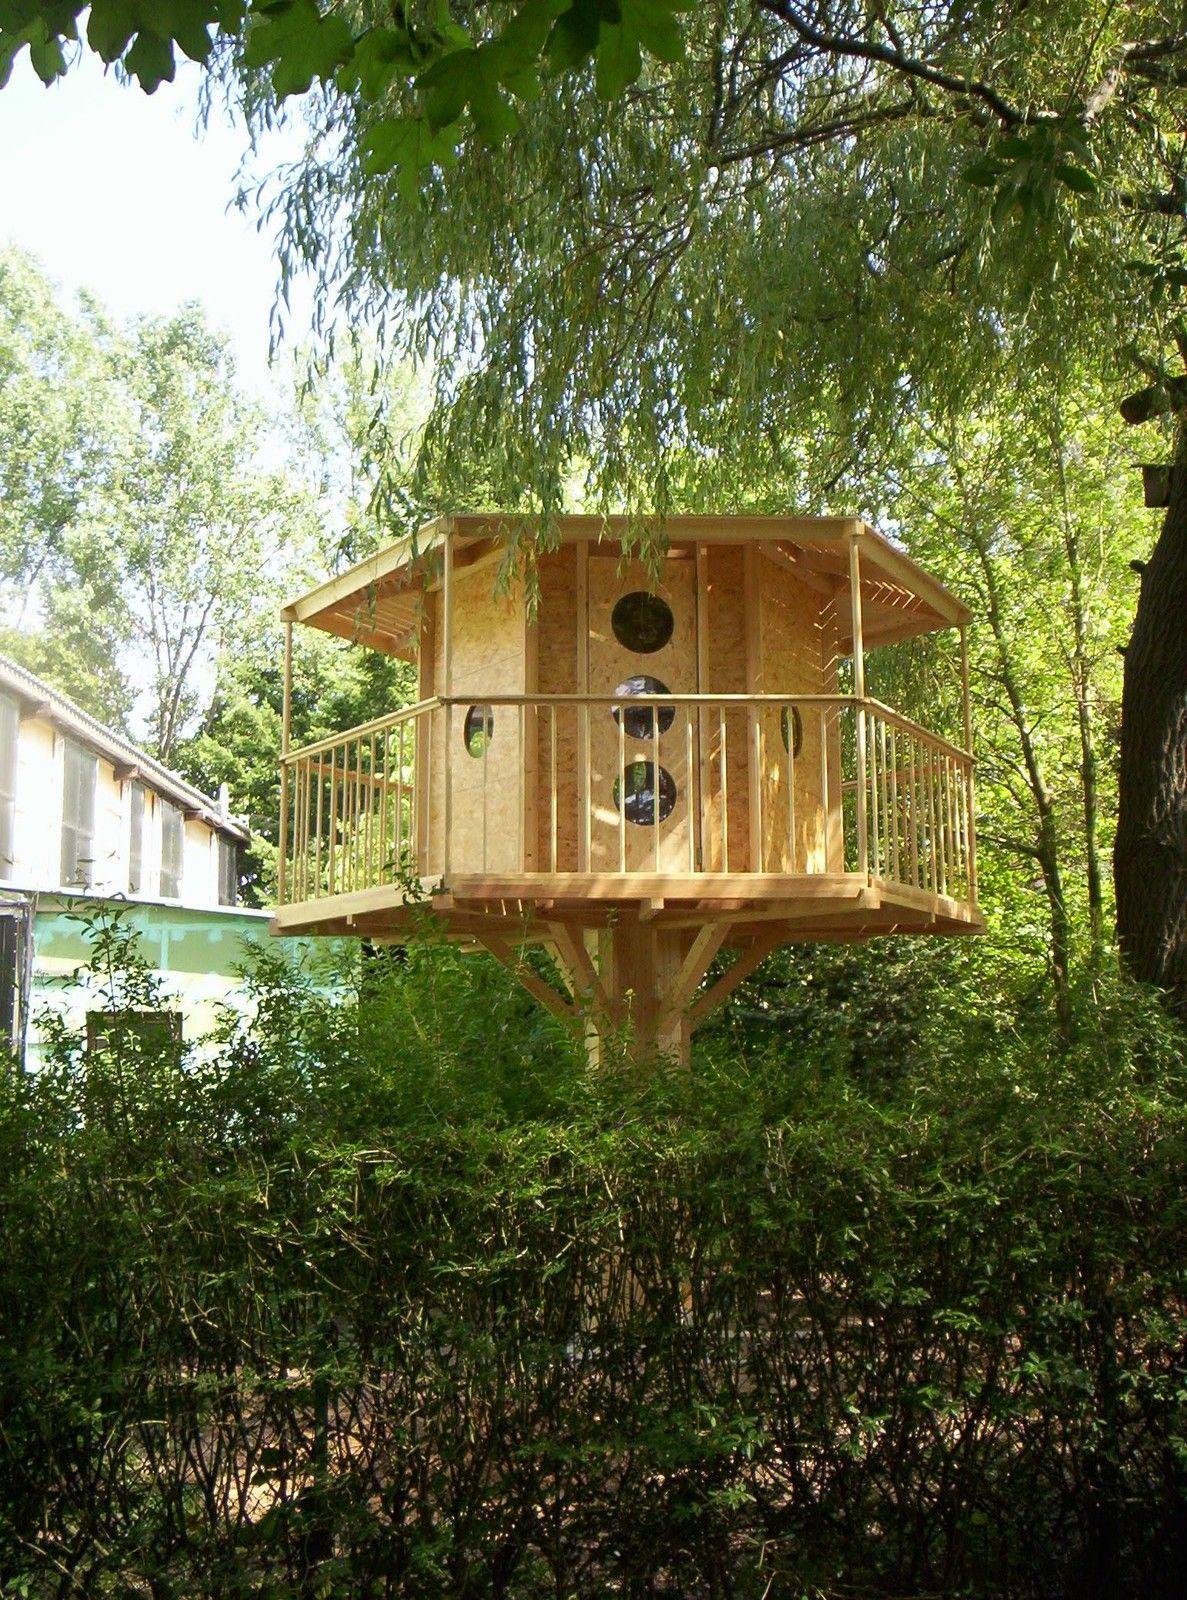 baumhaus einfach selbst bauen der bauplan hier bauanleitung kinder haus ebay baumhaus. Black Bedroom Furniture Sets. Home Design Ideas